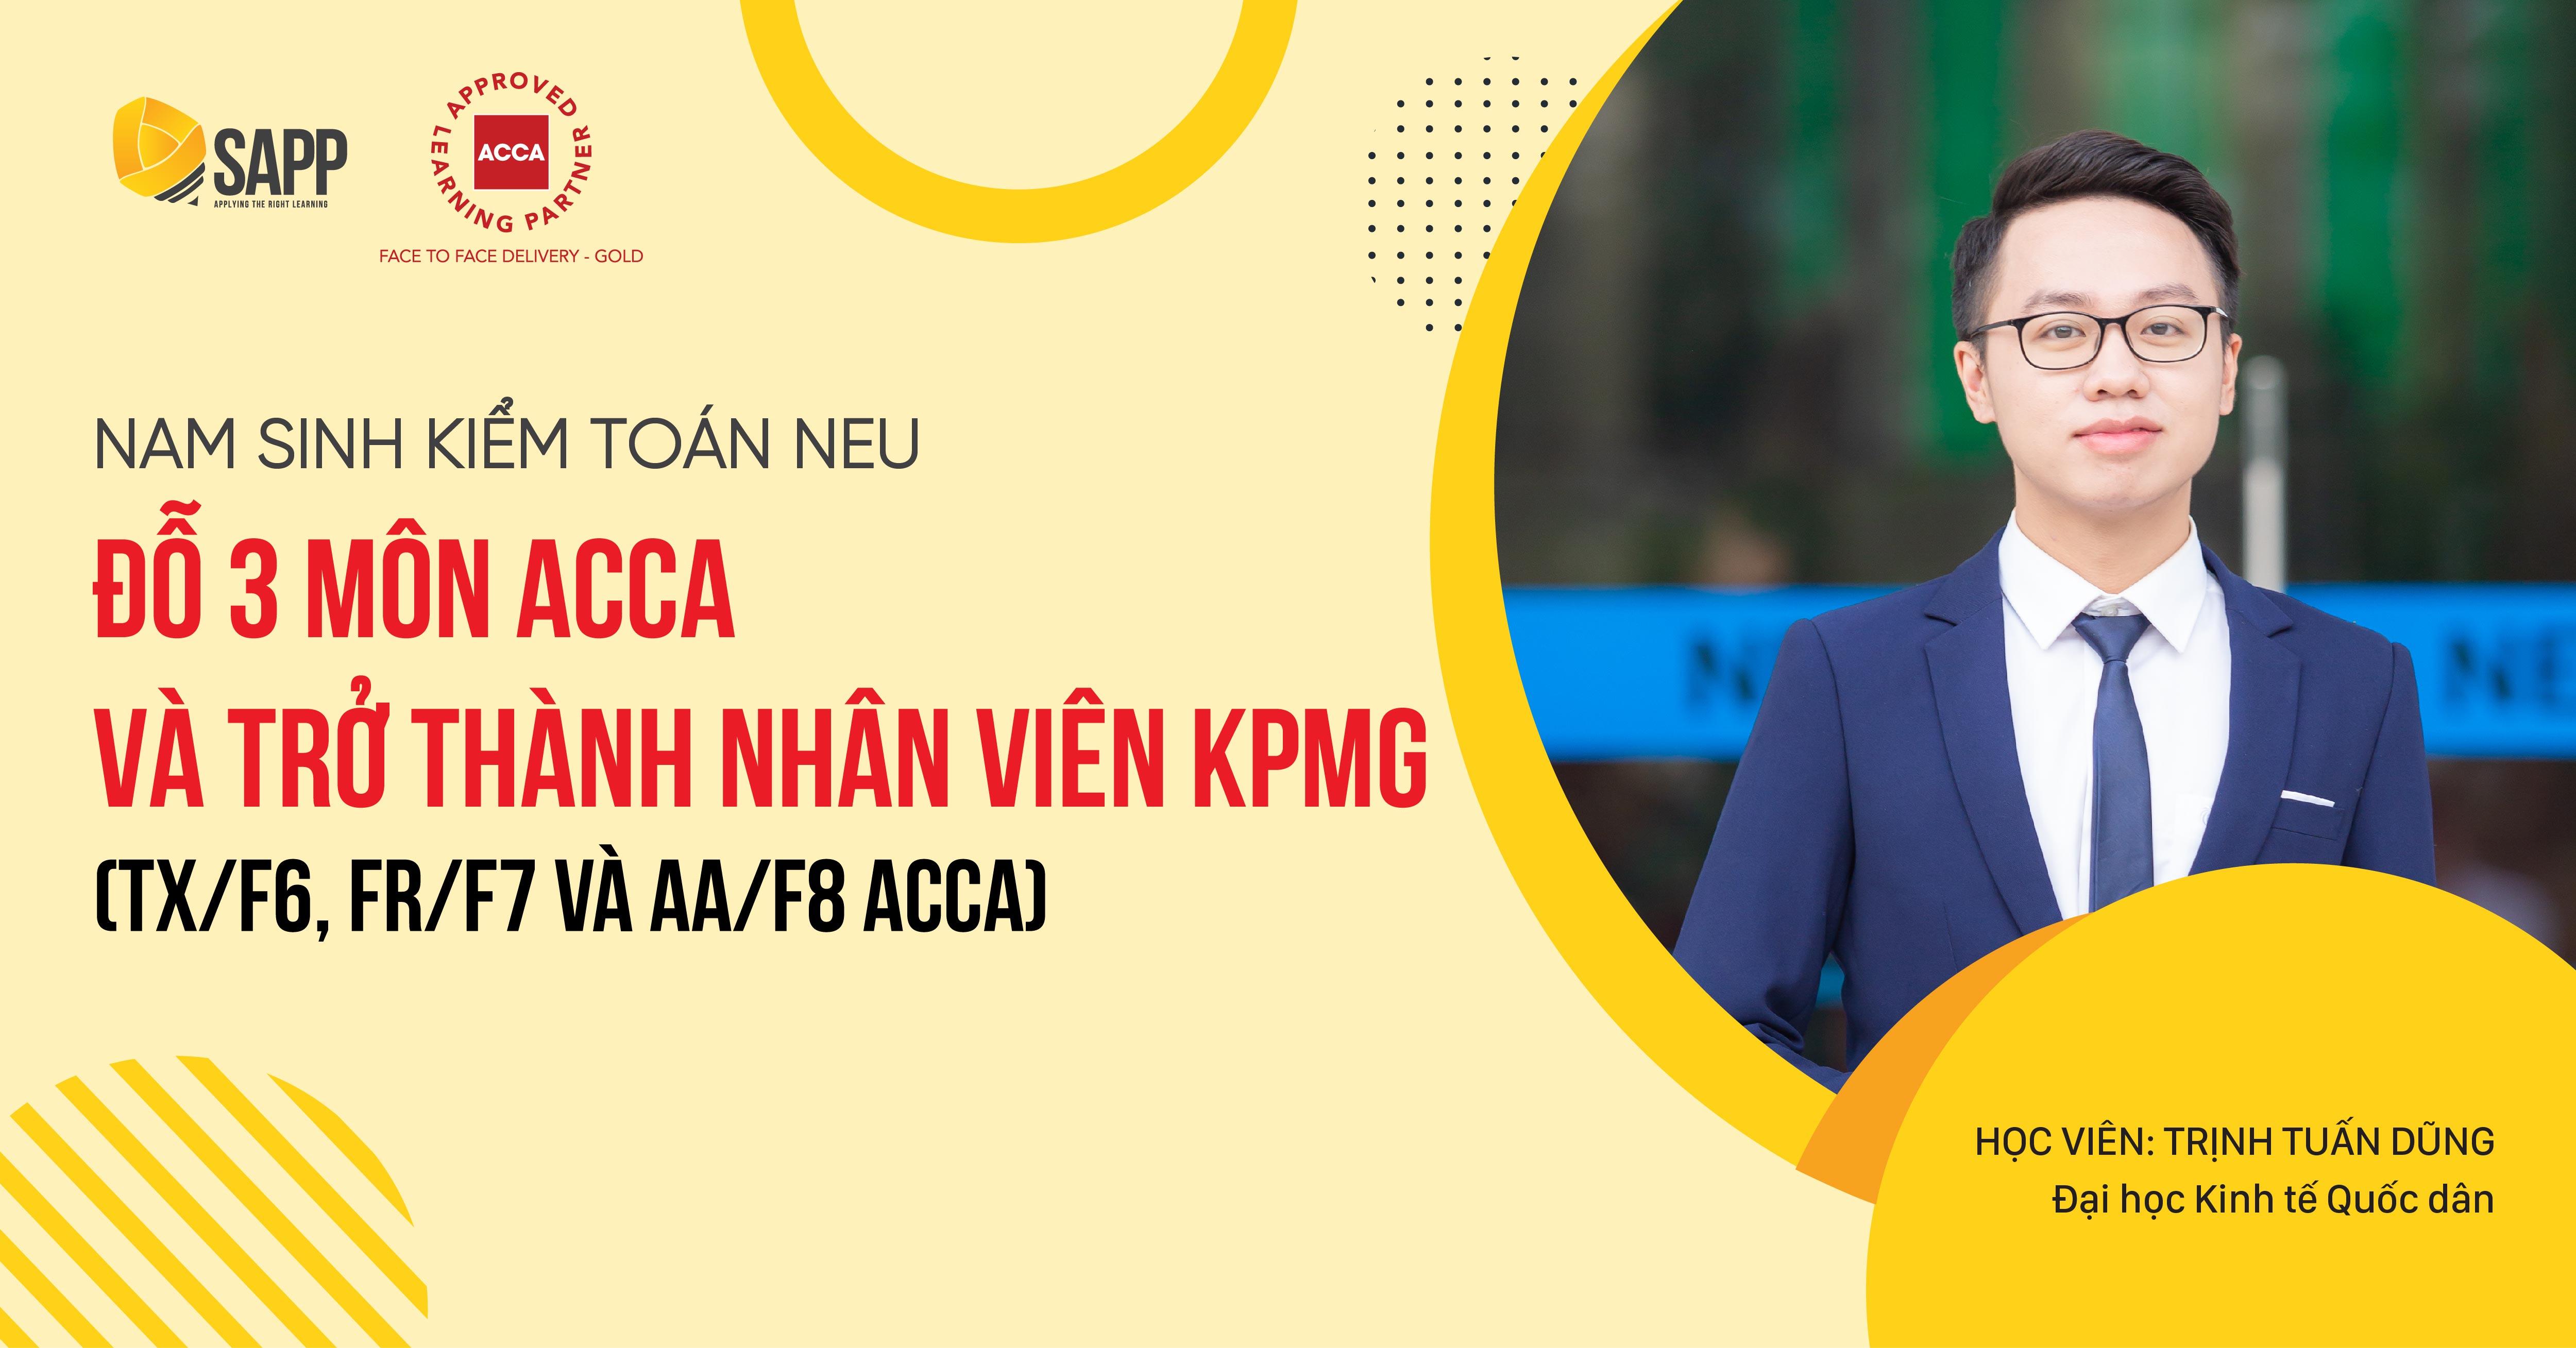 Nam sinh kiểm toán NEU đỗ 3 môn ACCA và trở thành nhân viên KPMG